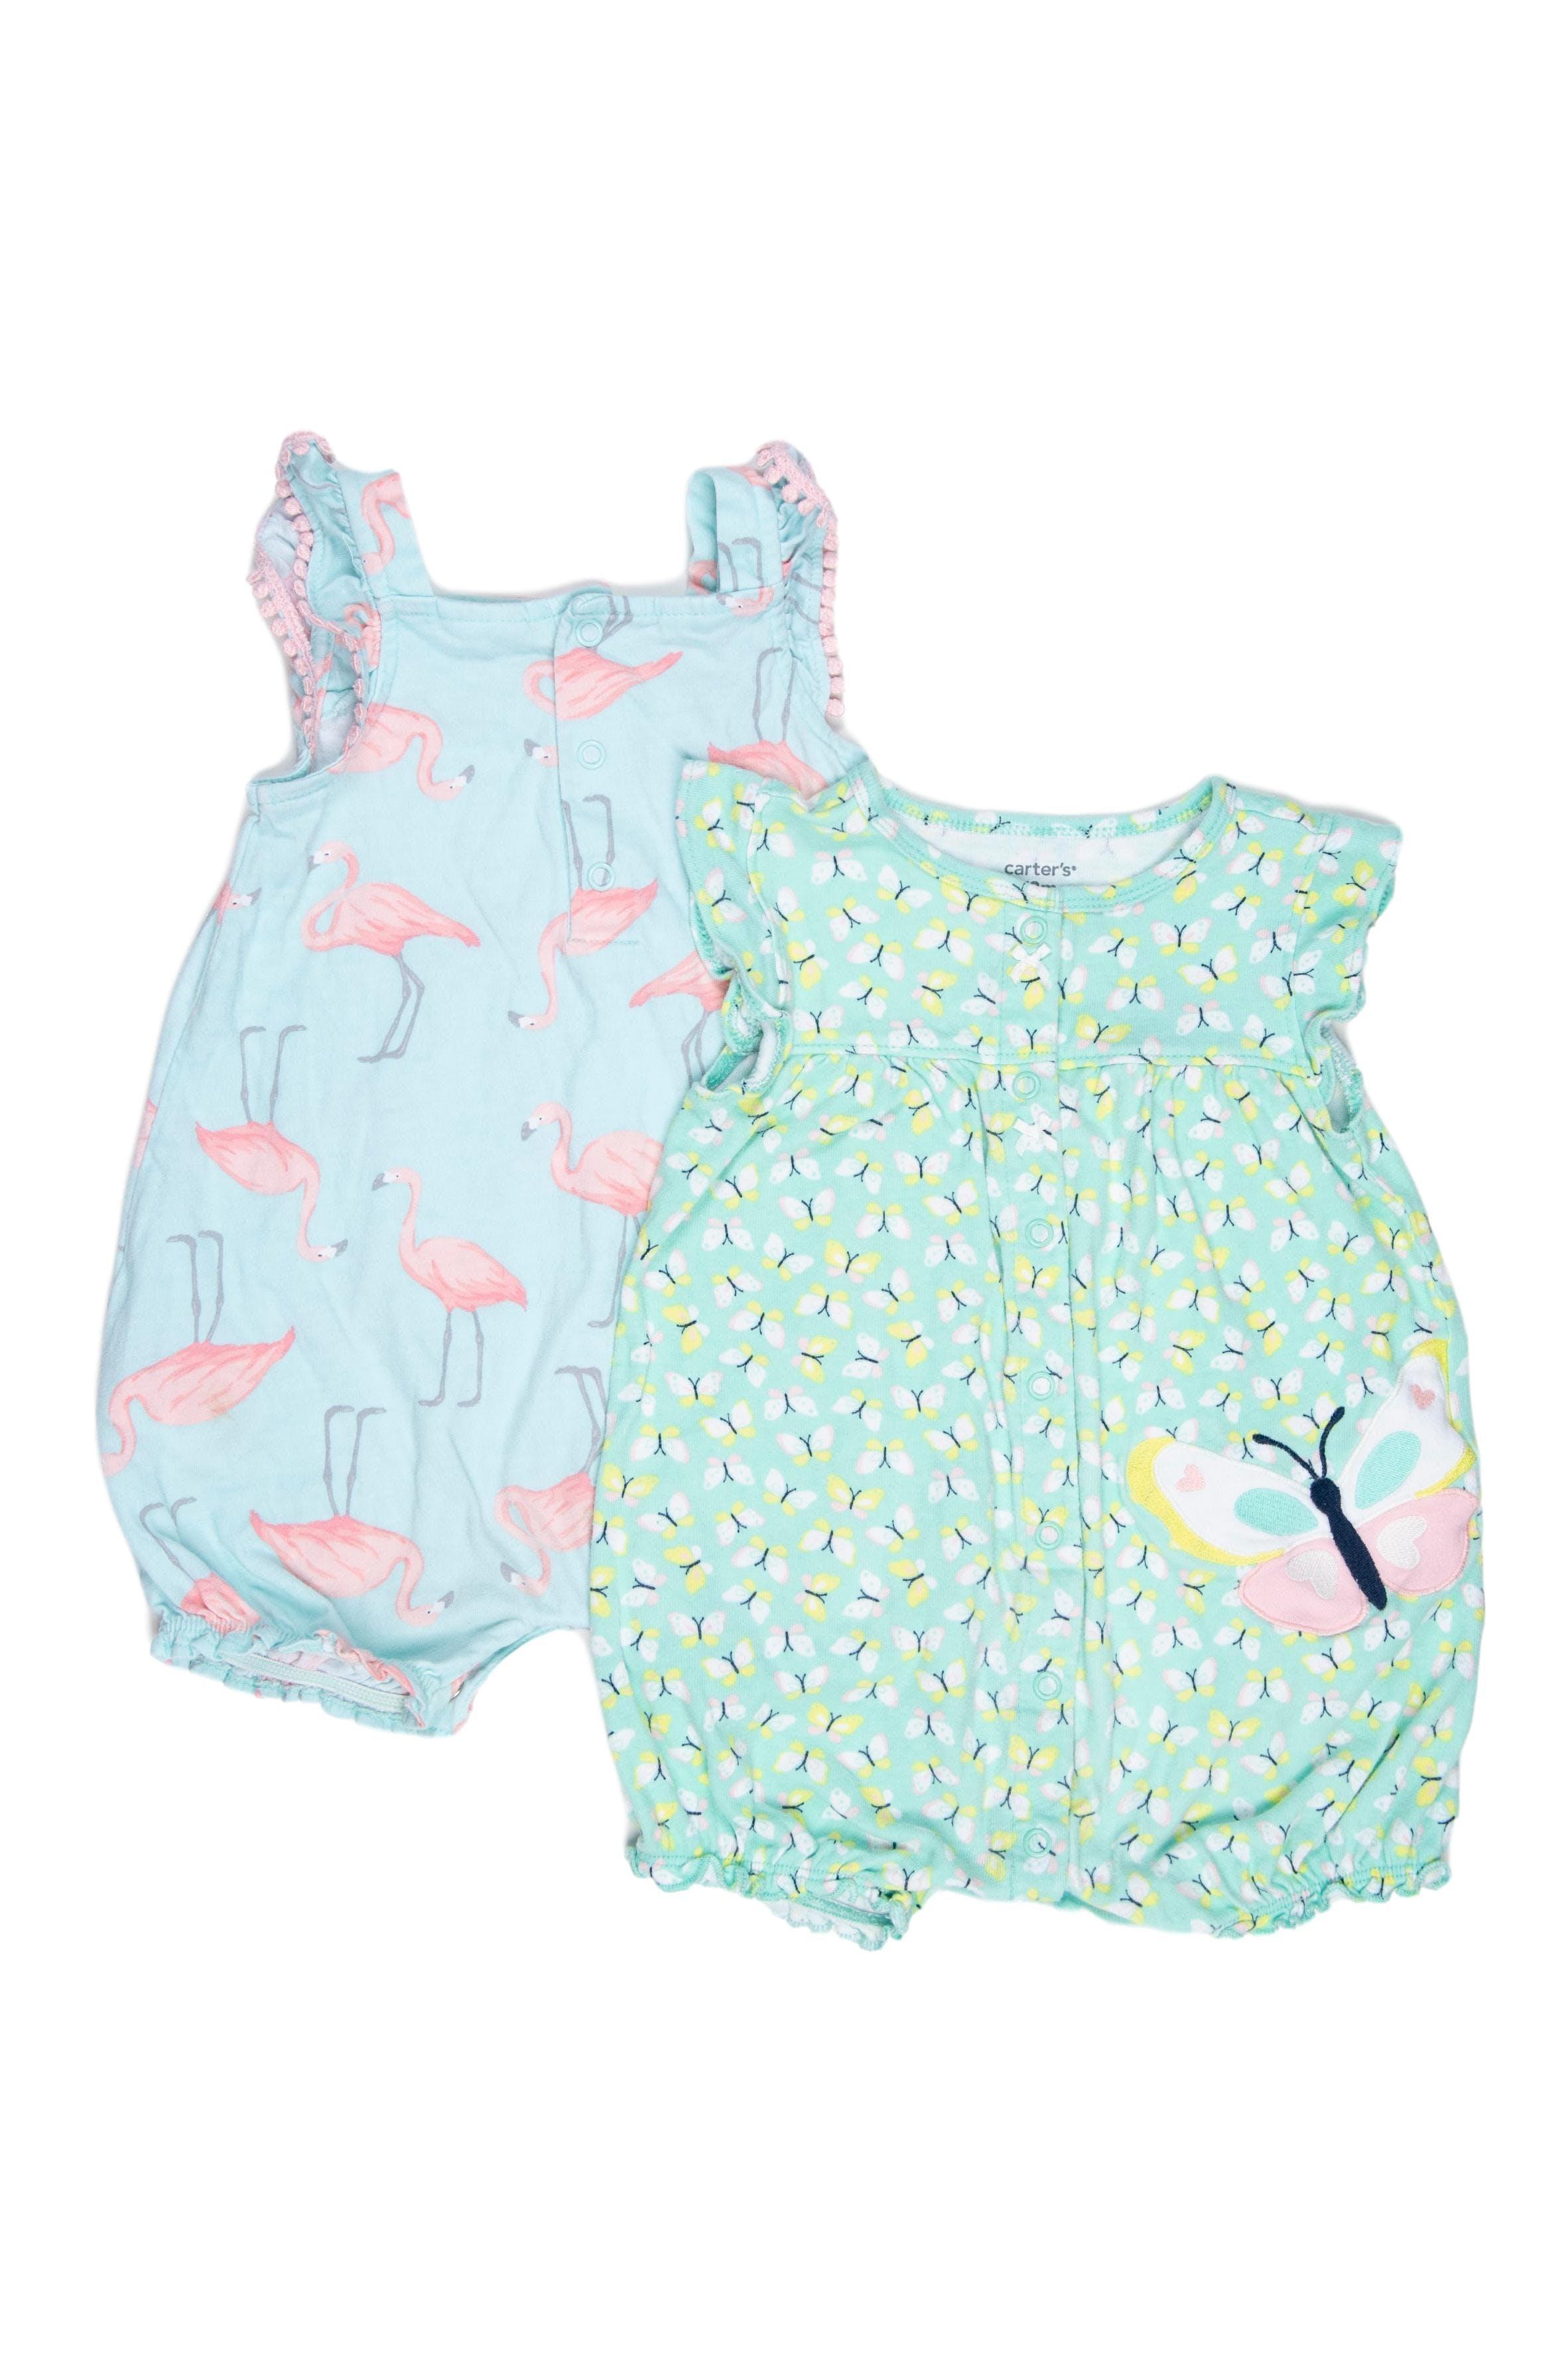 Pack de 2 enterizos, uno estampado de flamingo fondo turquesa y otro de mariposas fondo verde agua. Ambos 100% algodón - Carter's